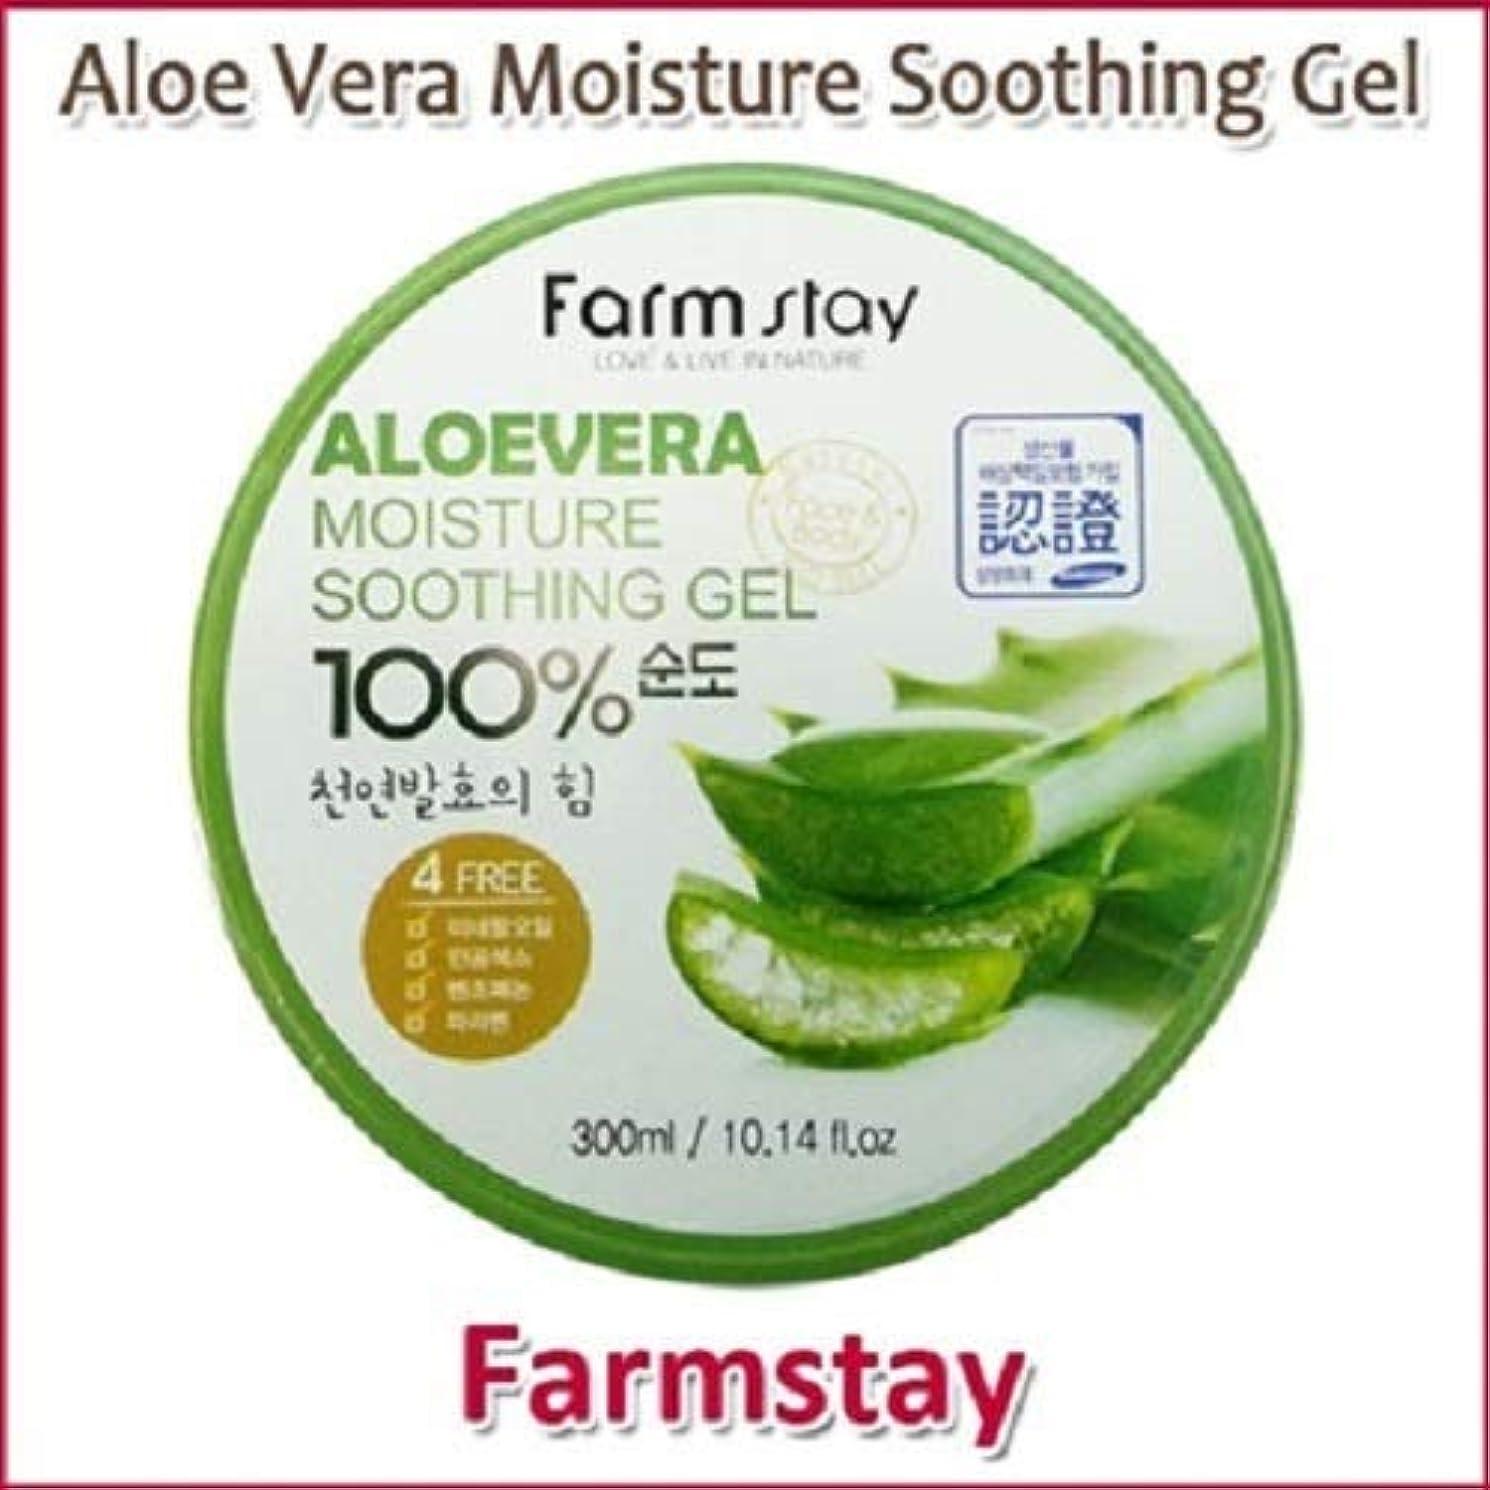 ずらすレッドデートボートFarm Stay Aloe Vera Moisture Soothing Gel 300ml /オーガニック アロエベラゲル 100%/保湿ケア/韓国コスメ/Aloe Vera 100% /Moisturizing [...